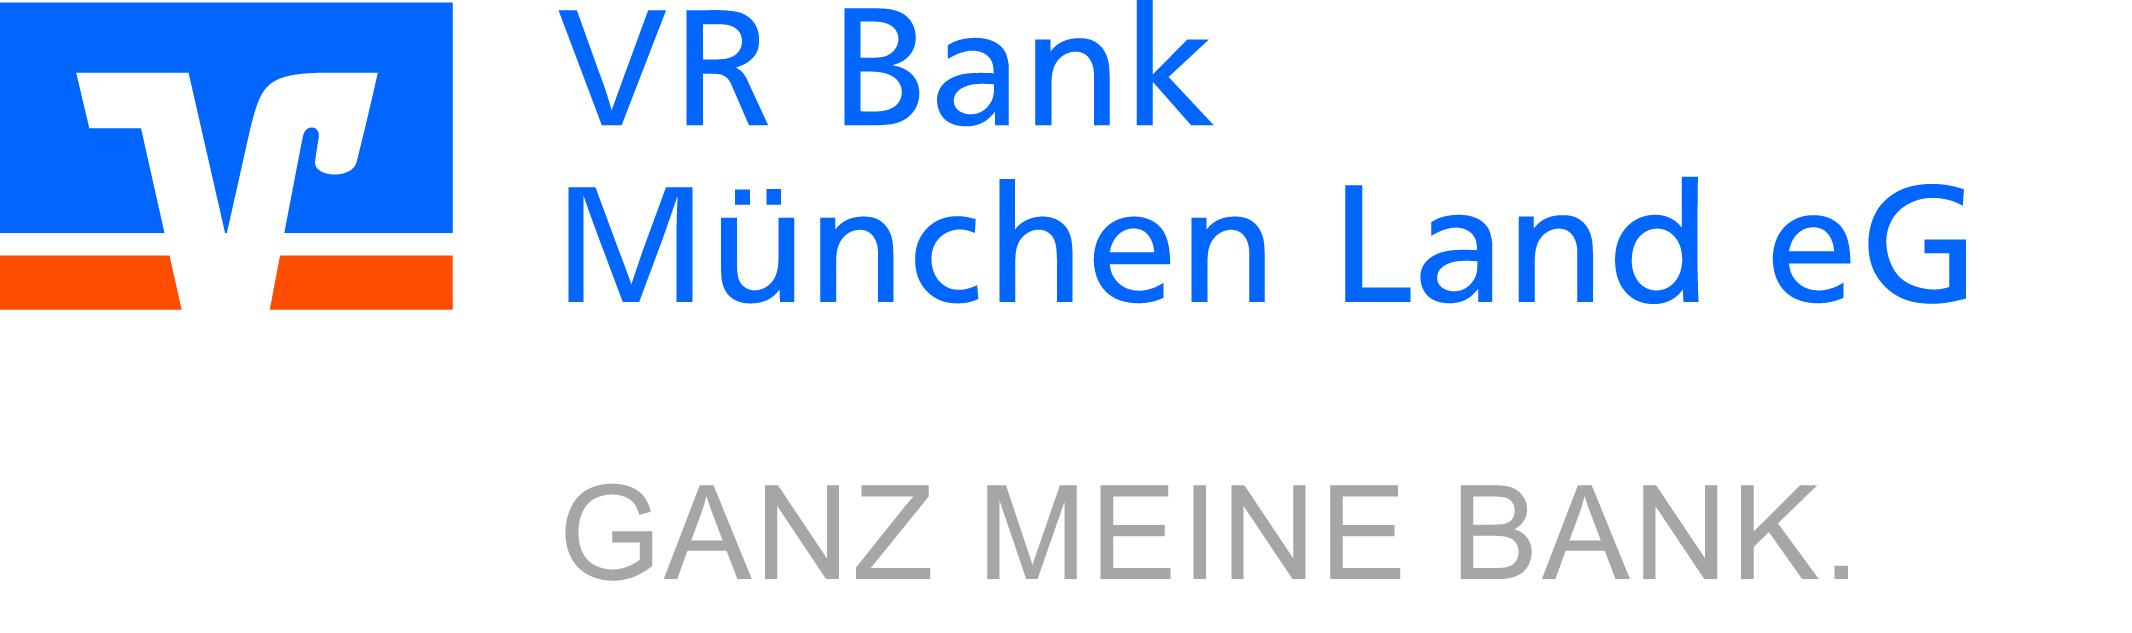 VR Bank München Land eG